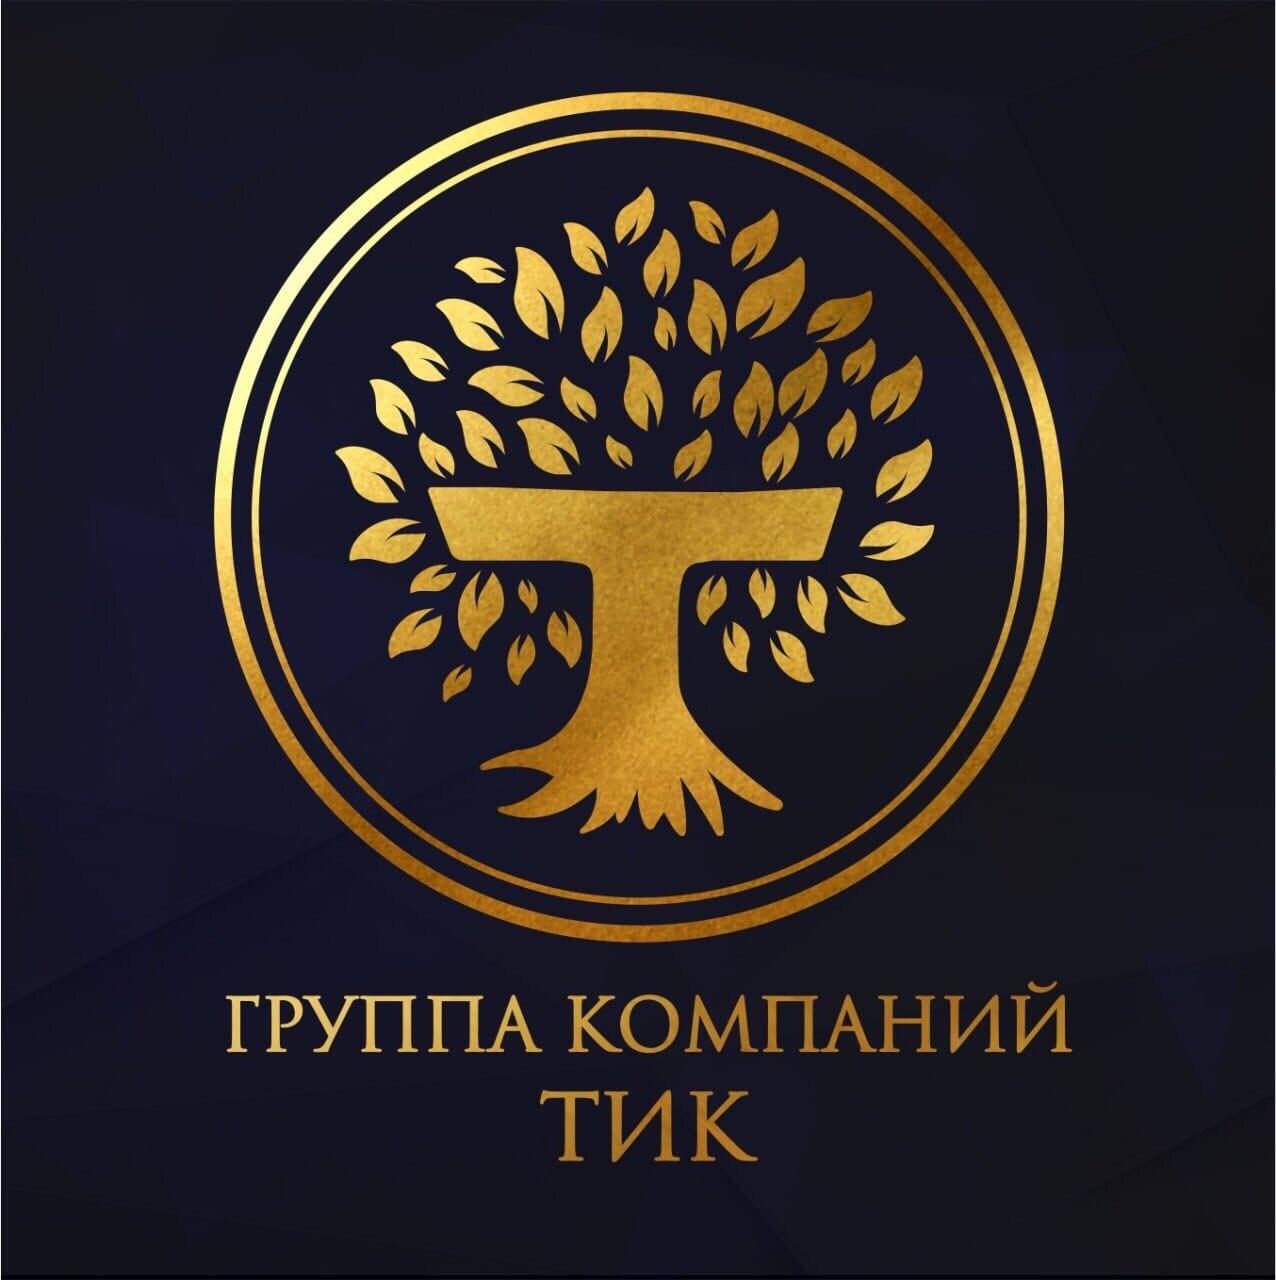 Отзывы пользователей о группе компаний «ТИК»